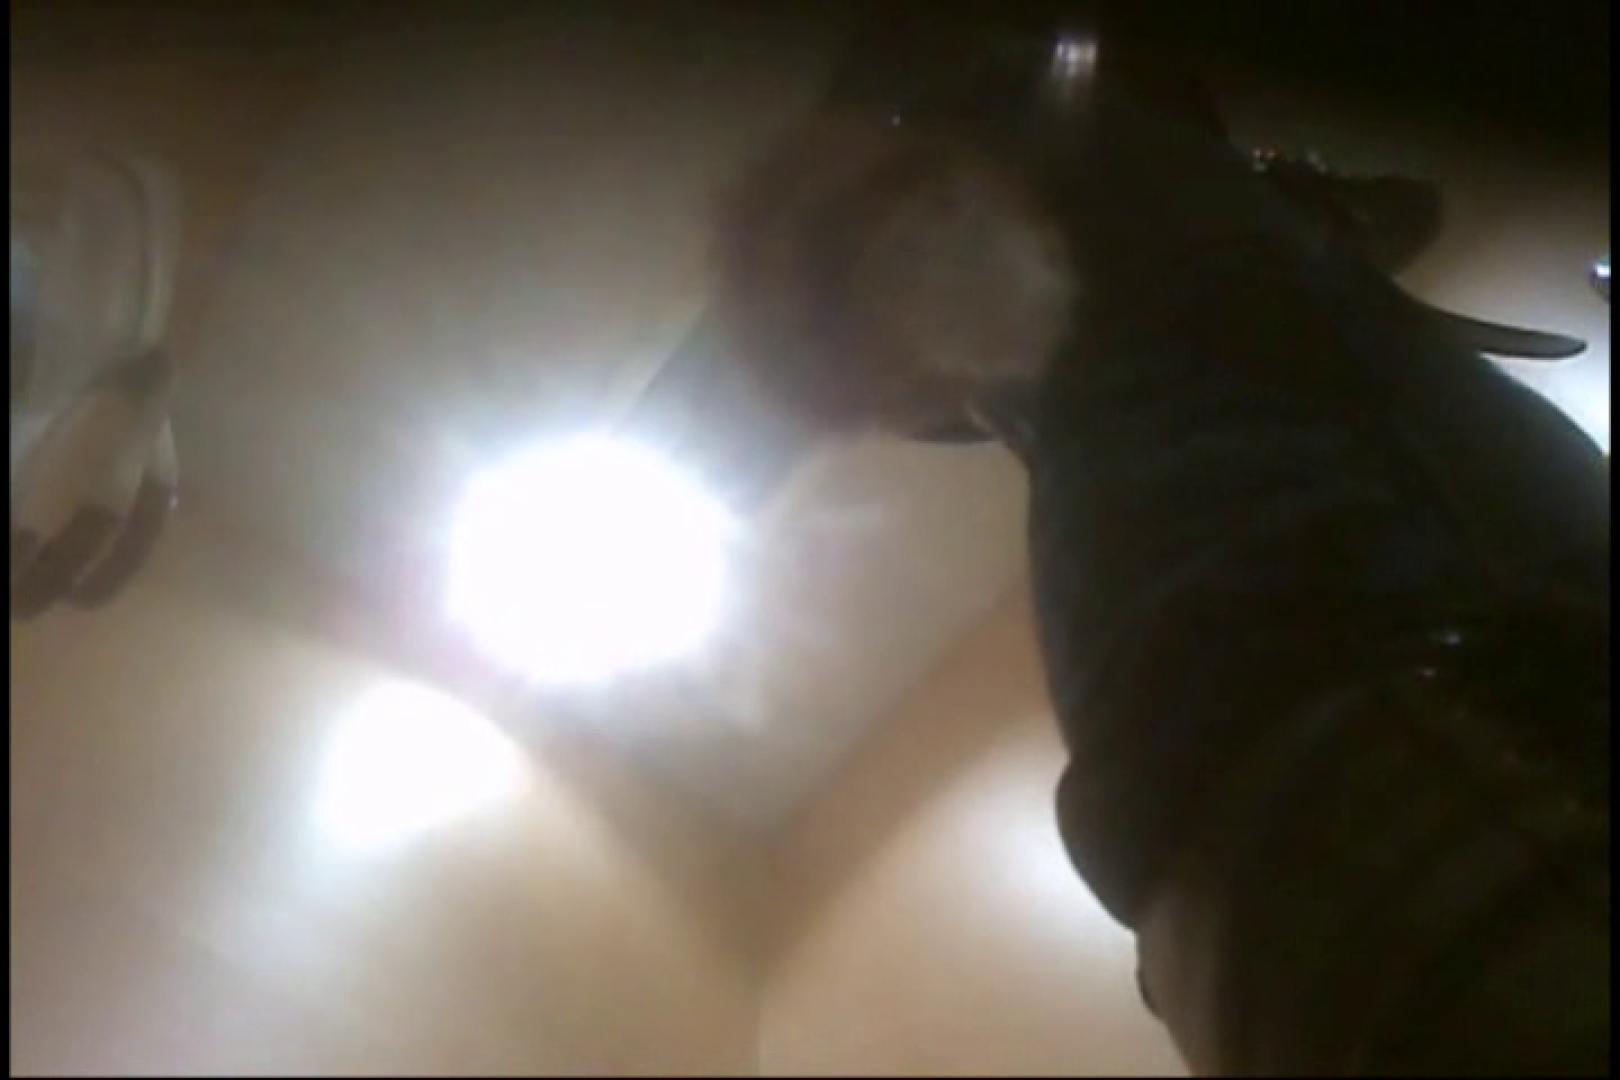 画質向上!新亀さん厠 vol.51 美しいOLの裸体   潜入突撃  81pic 49